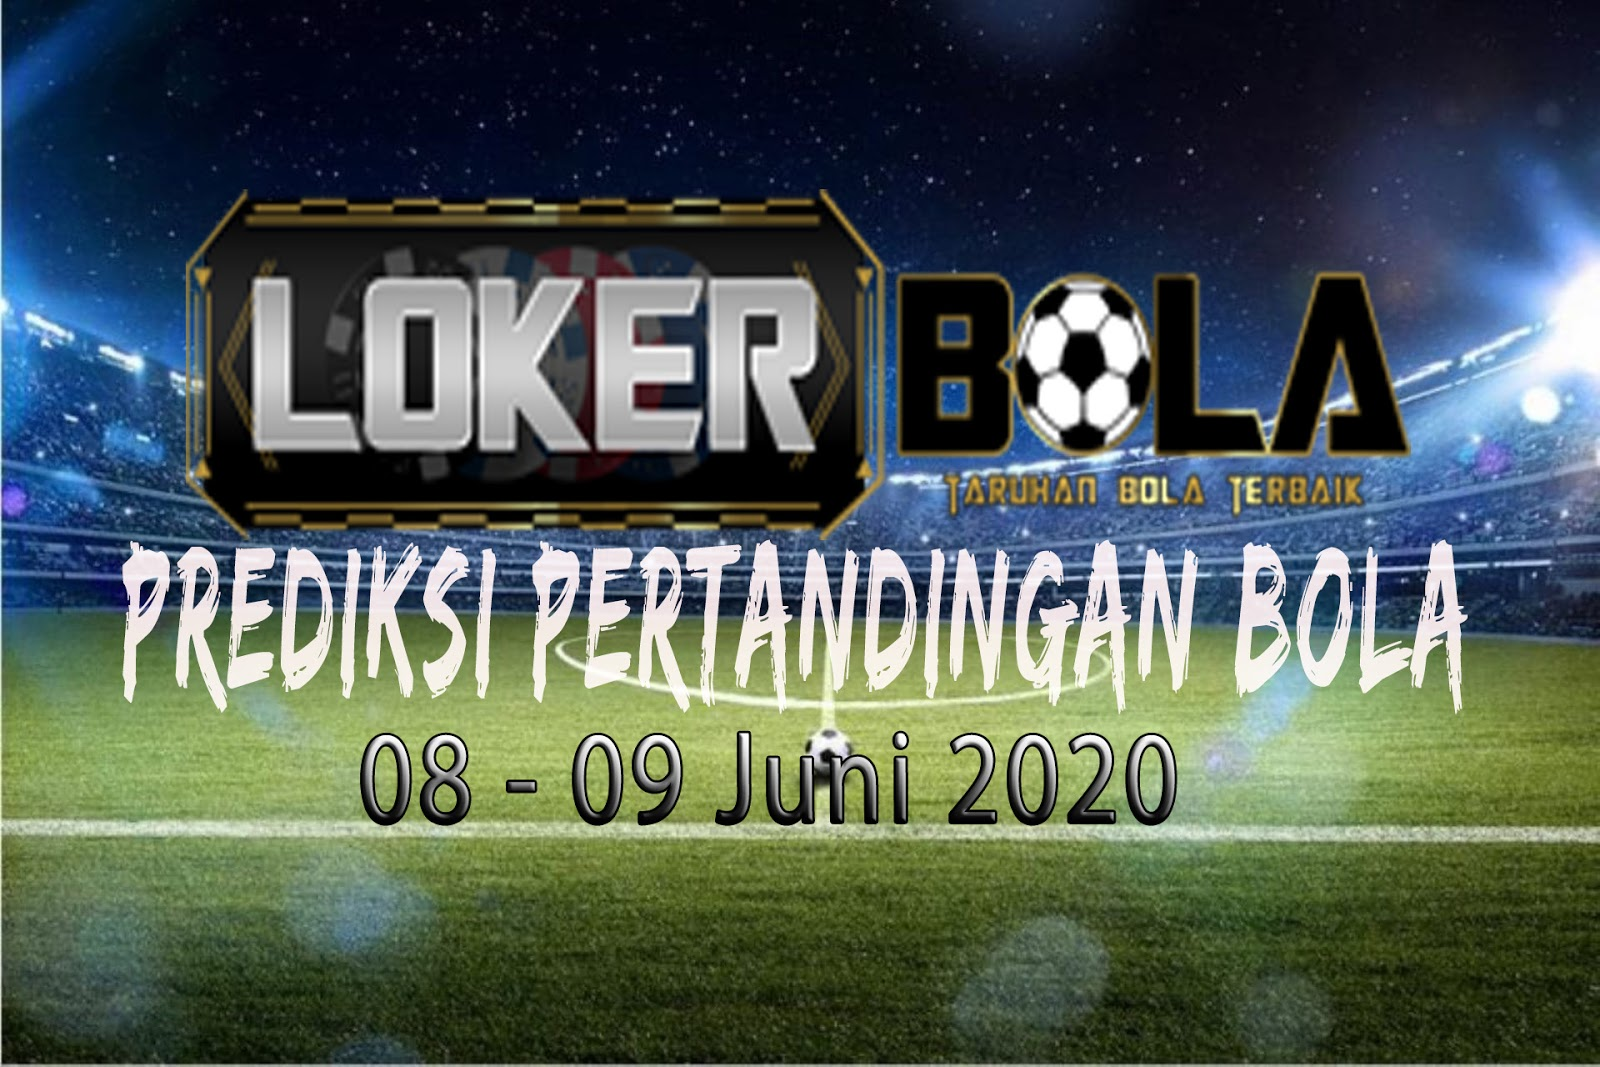 PREDIKSI PERTANDINGAN BOLA 08 – 09 June 2020